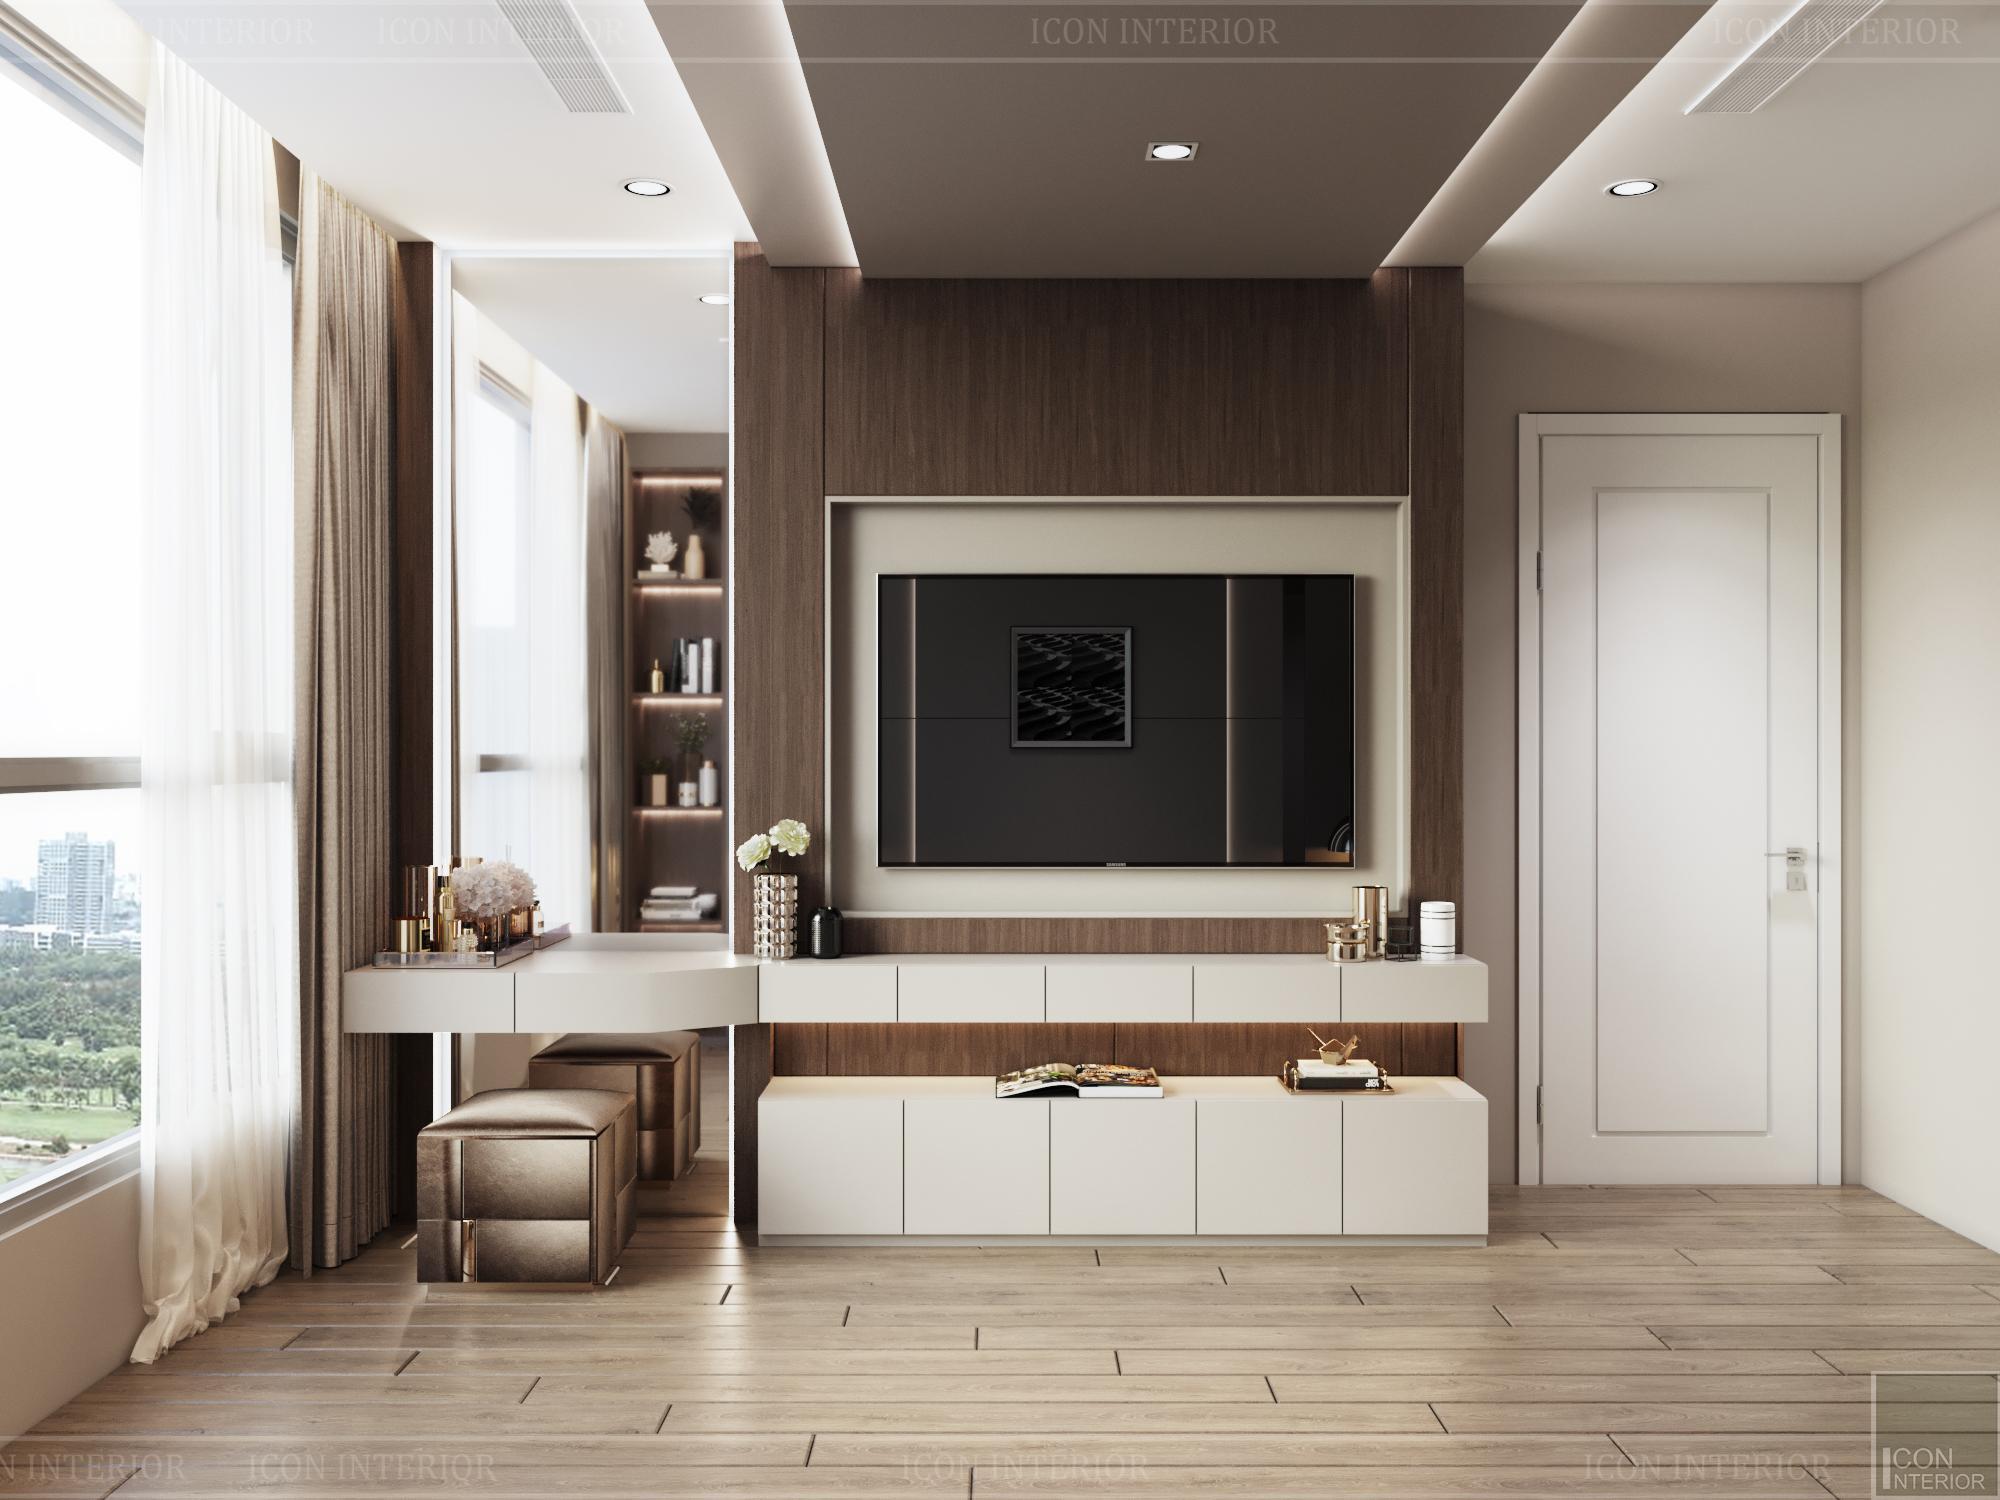 thiết kế căn hộ 3 phòng ngủ hiện đại - phòng ngủ master 1